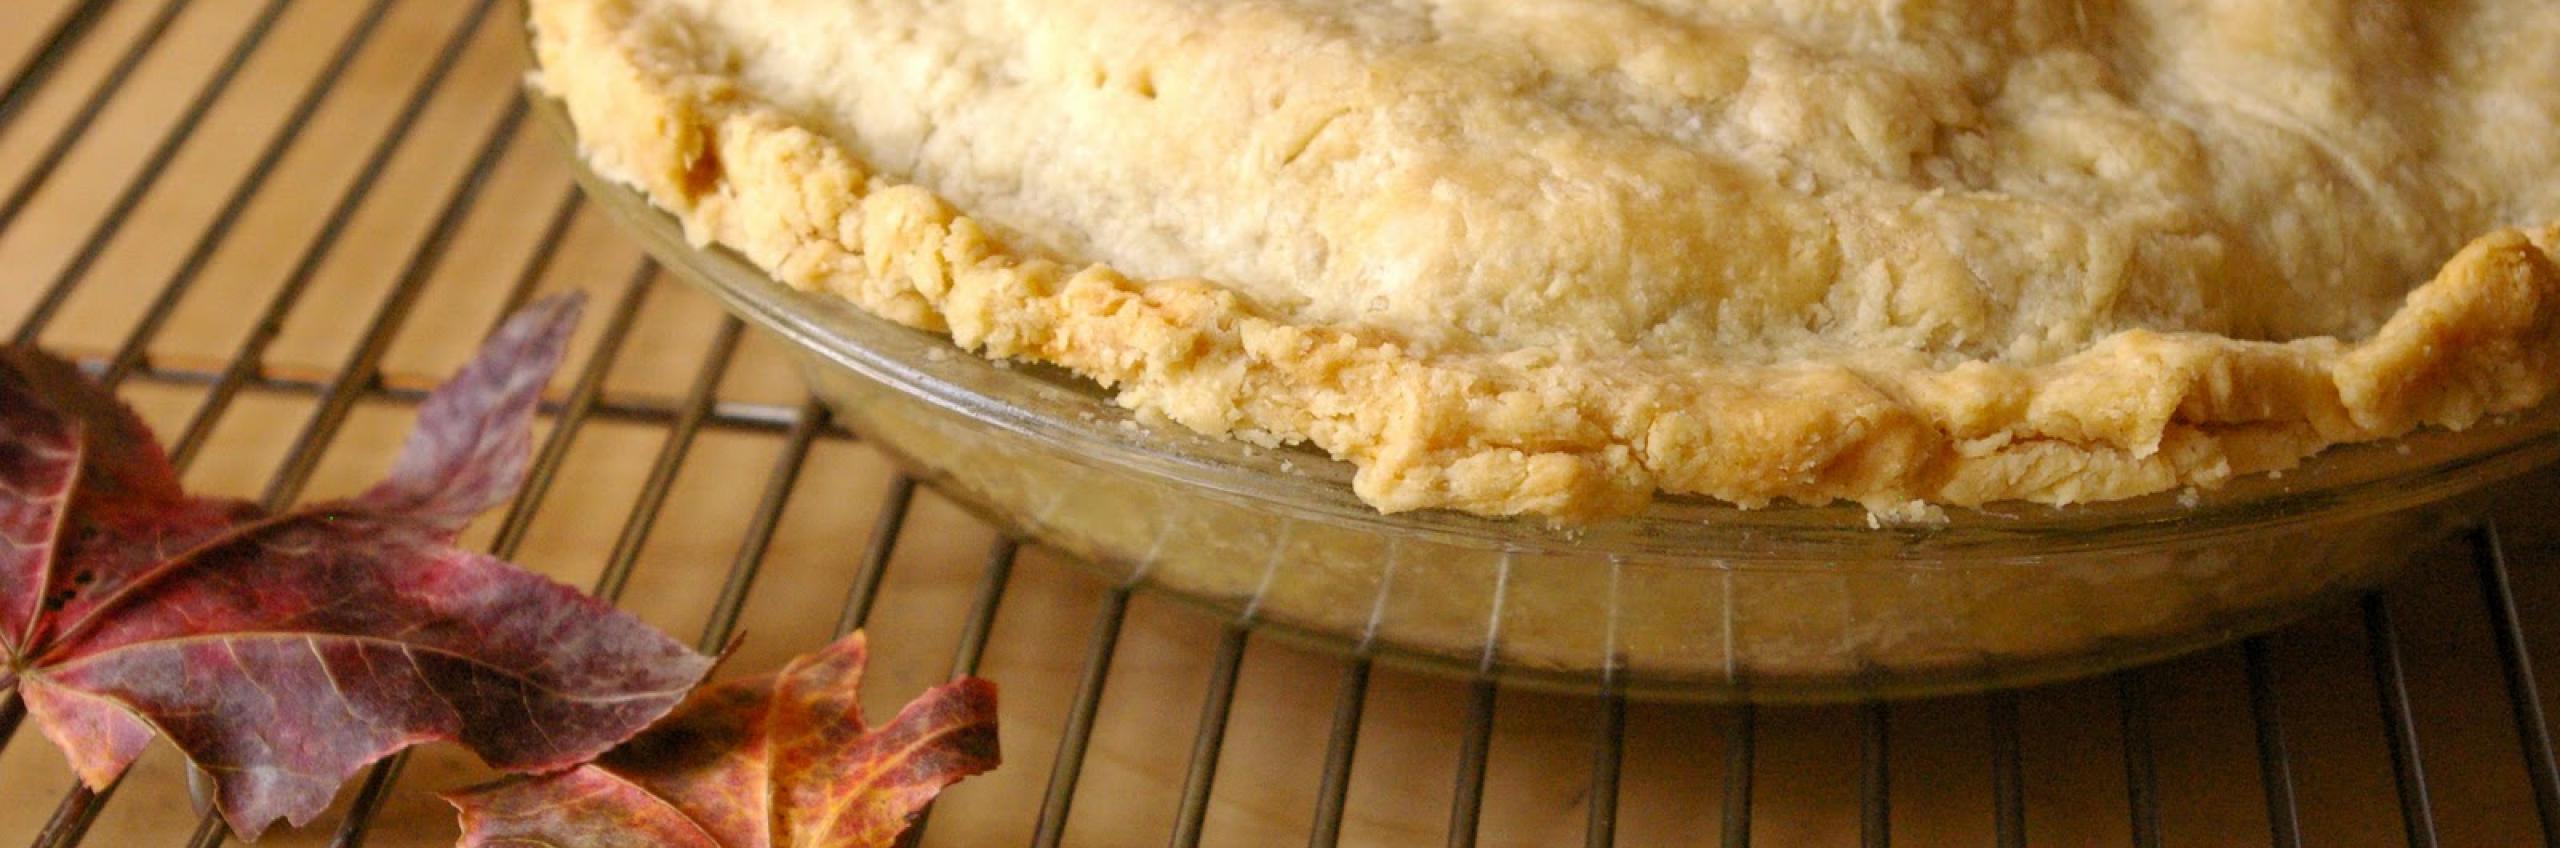 Autumn Apple Maraschino Pie